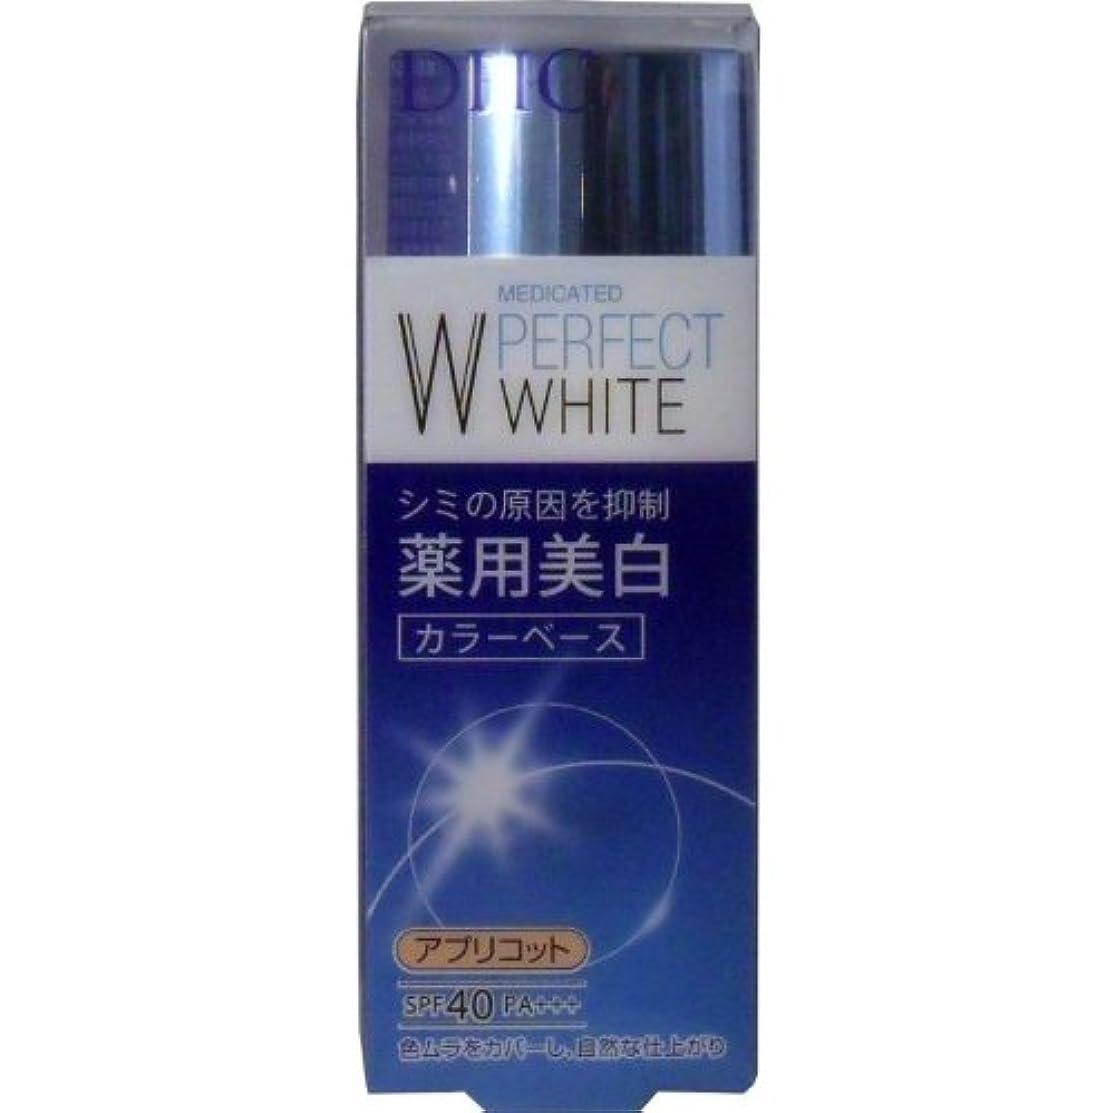 広いスペイン下DHC 薬用美白パーフェクトホワイト カラーベース アプリコット 30g